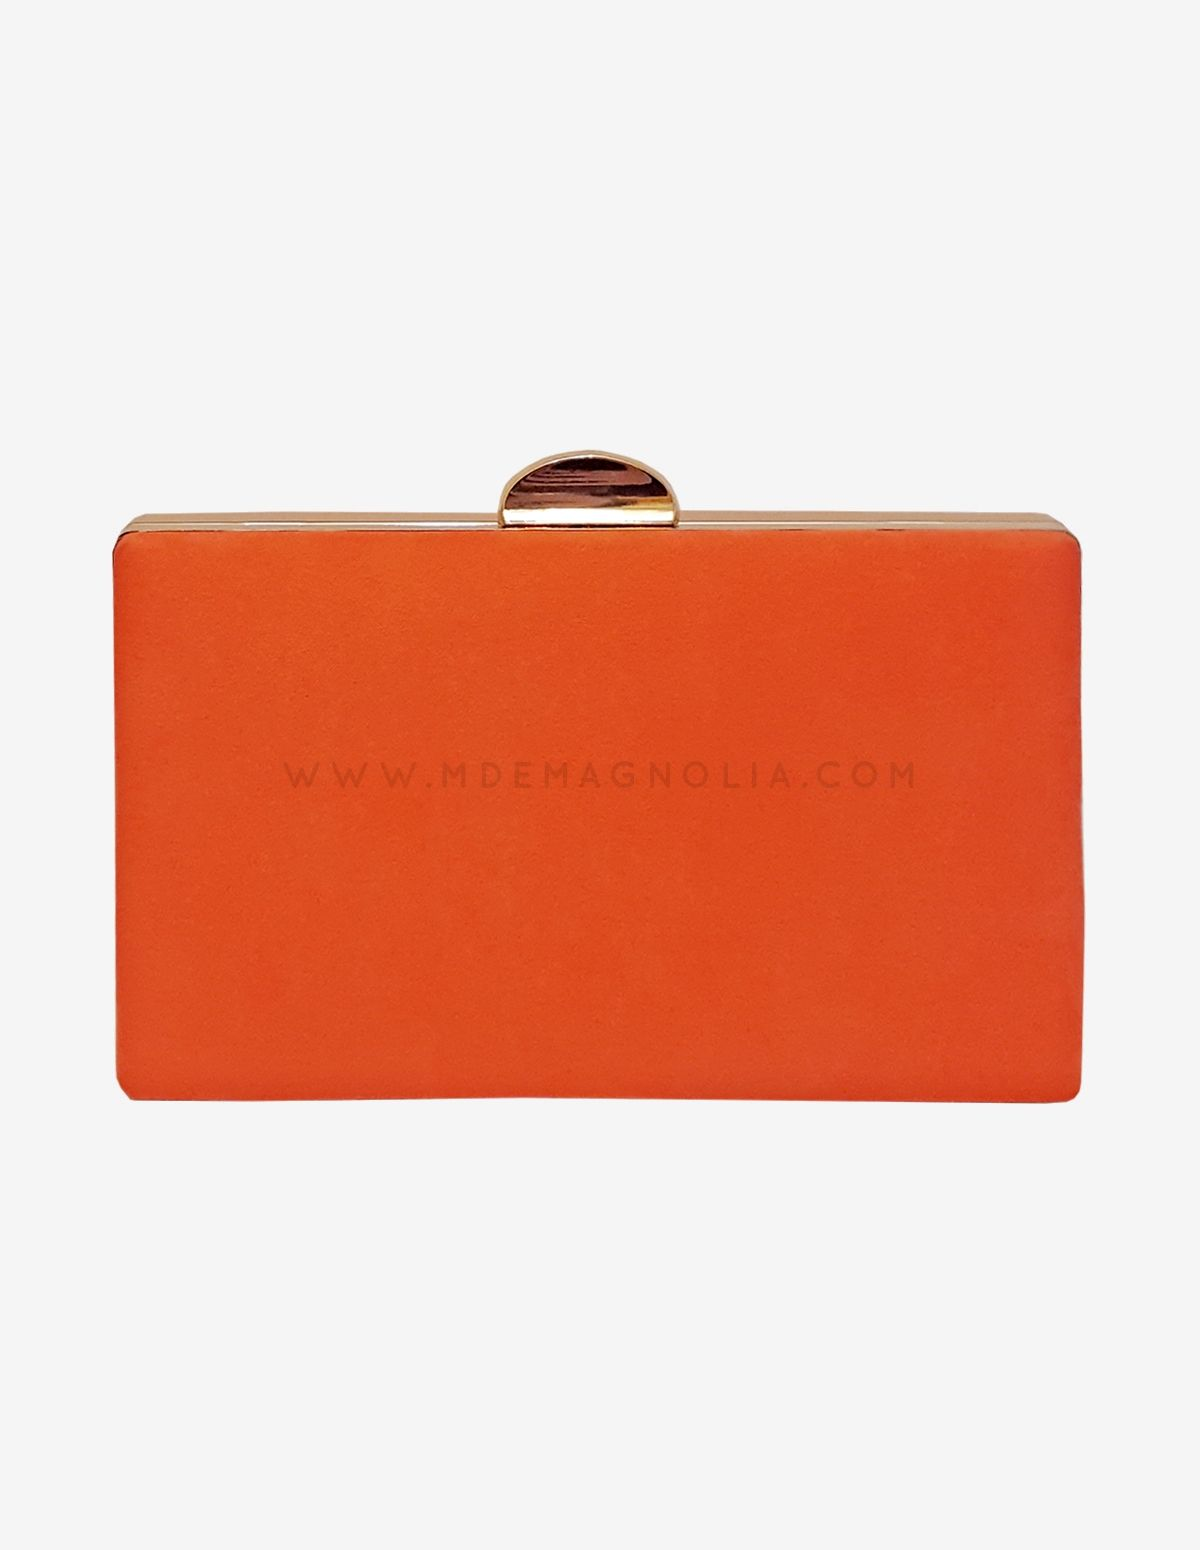 11601a61 Bolso de fiesta naranja   ❤️BOLSOS PARA BODAS❤   Bolsos de ...